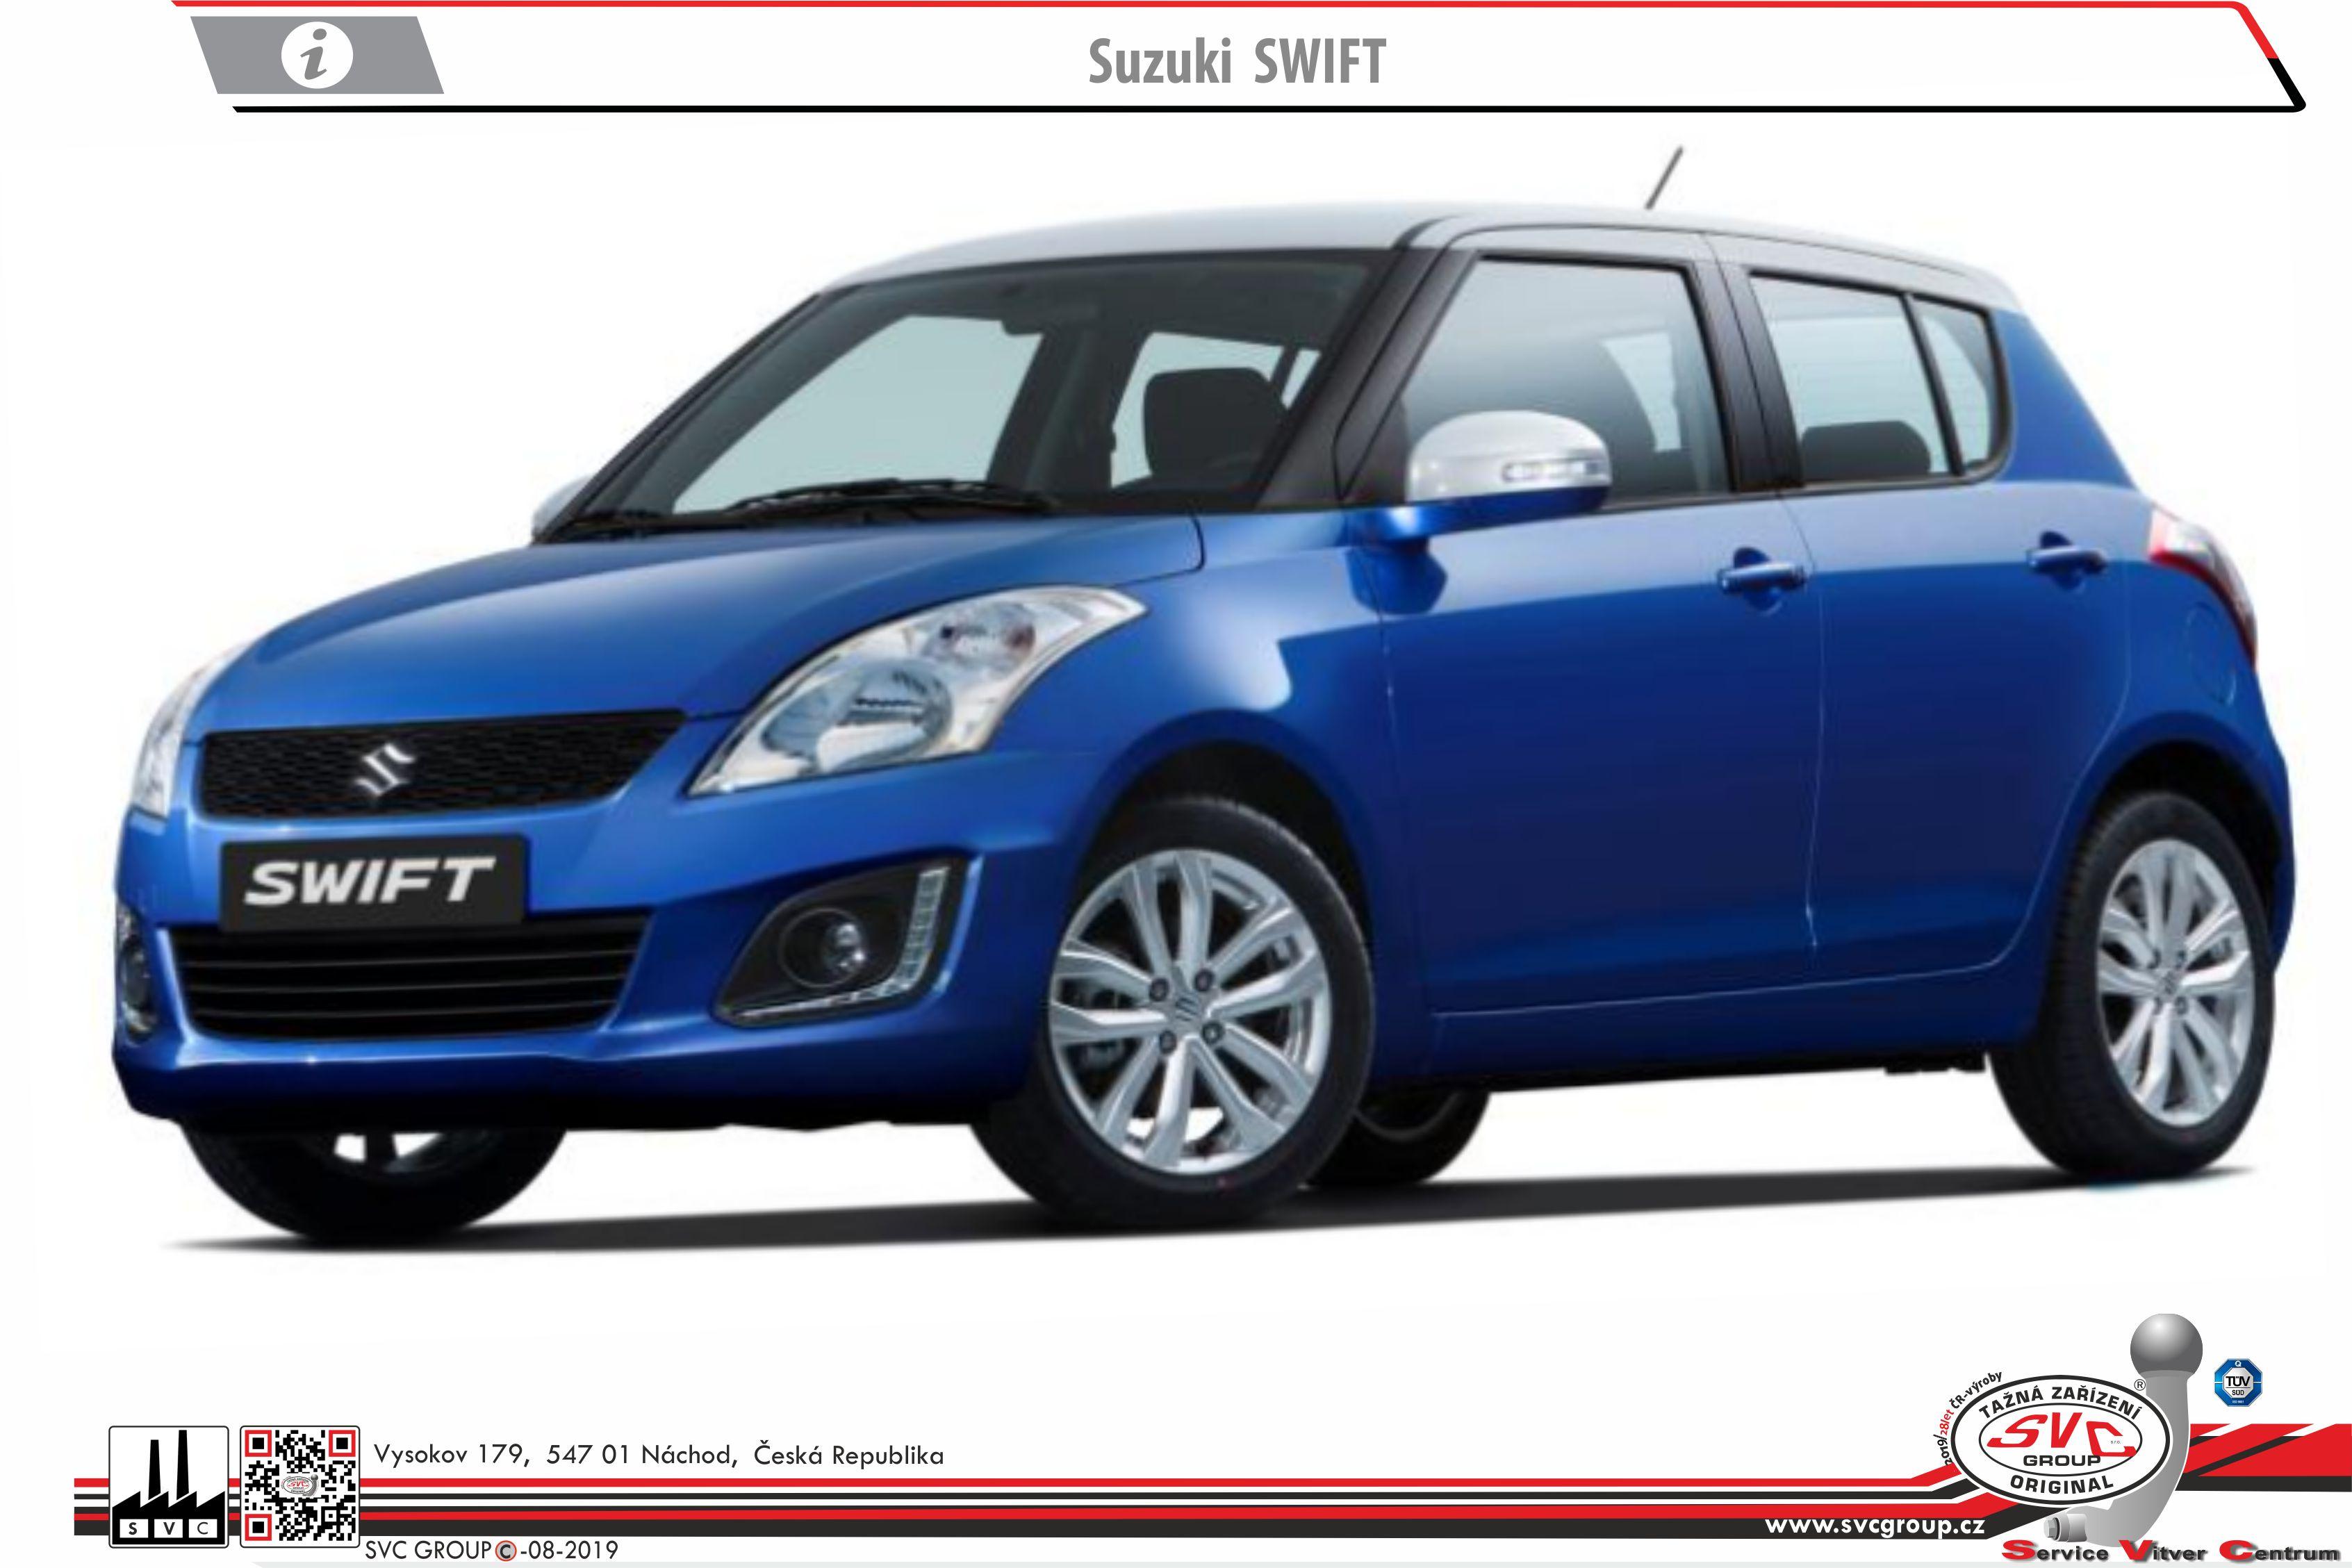 Suzuki Swift Hatchback